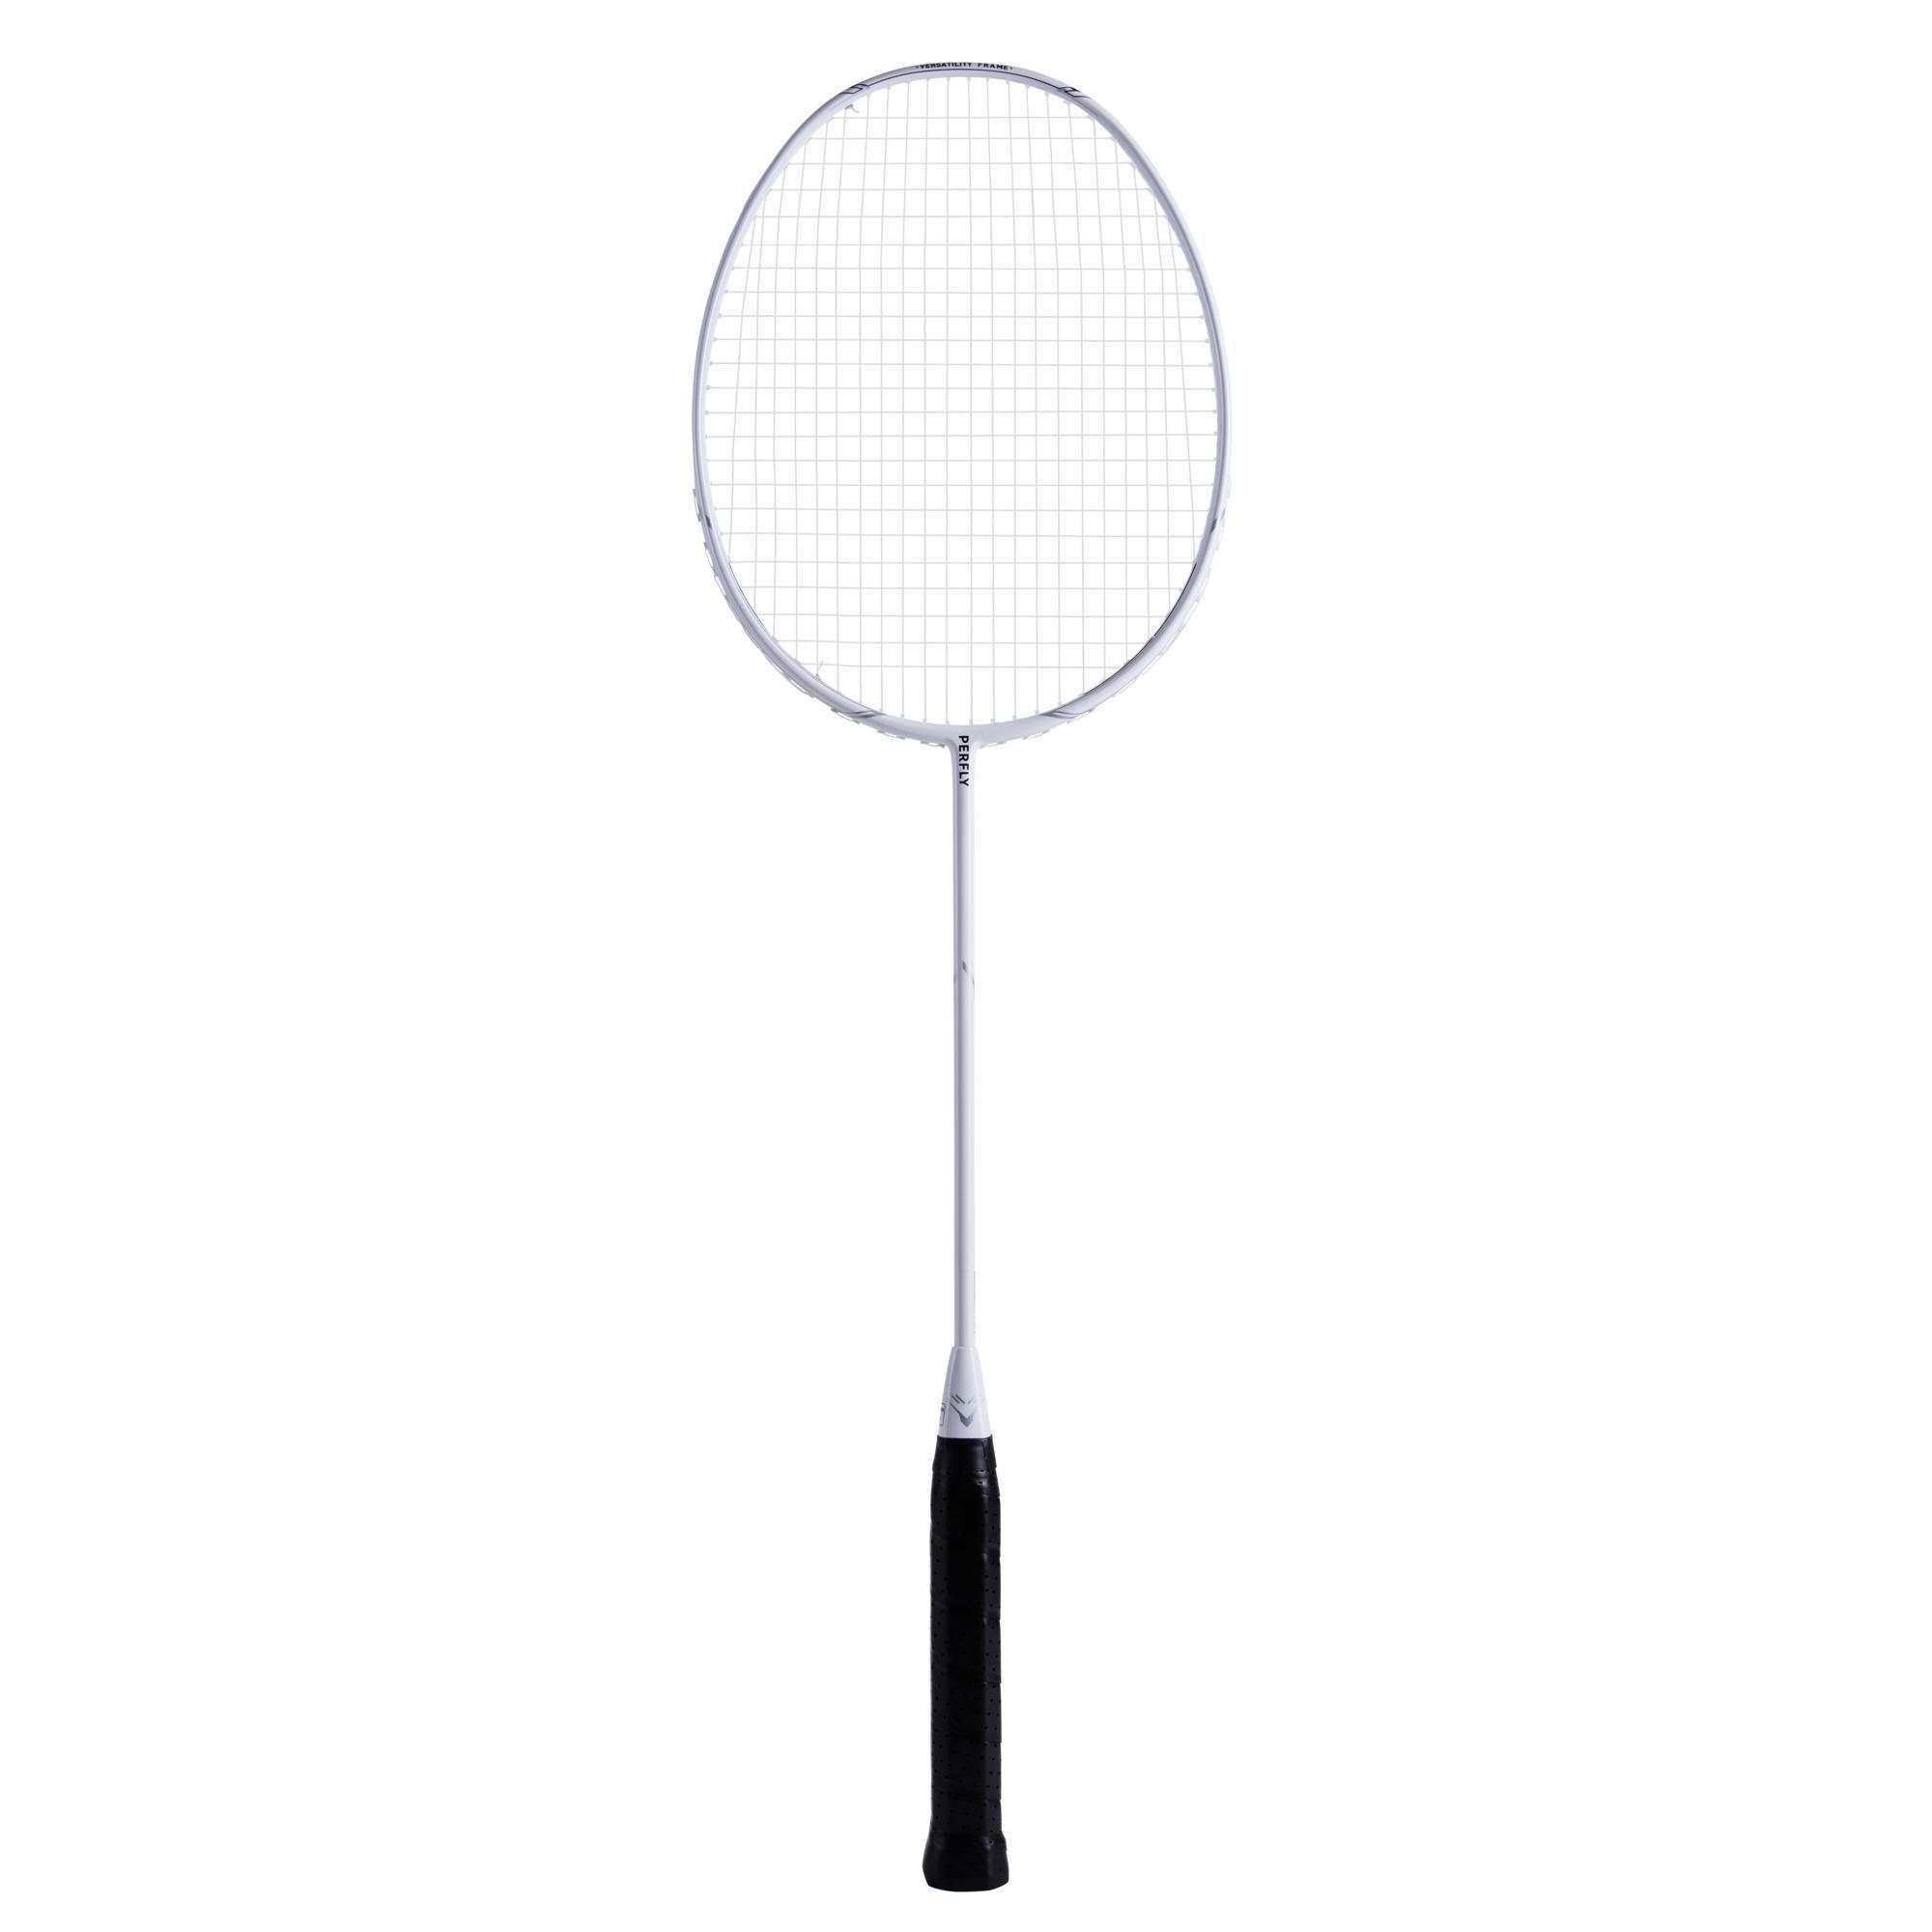 Perfly Badmintonracket volwassenen BR800 kopen